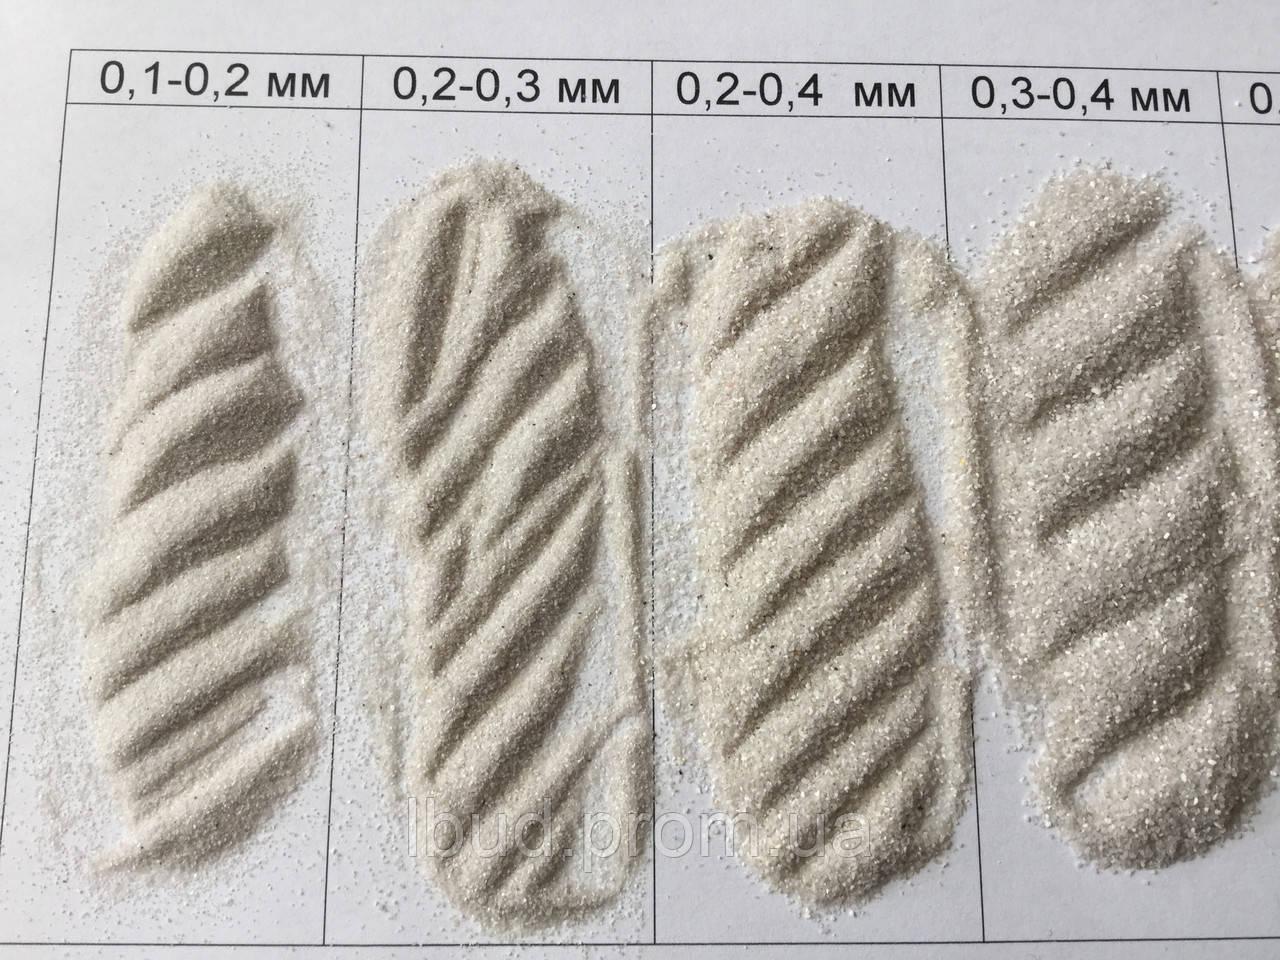 a1b74c7d8 Кварцевый песок 0,2-0,4 мм, цена 100 грн./мешок, купить в Броварах ...